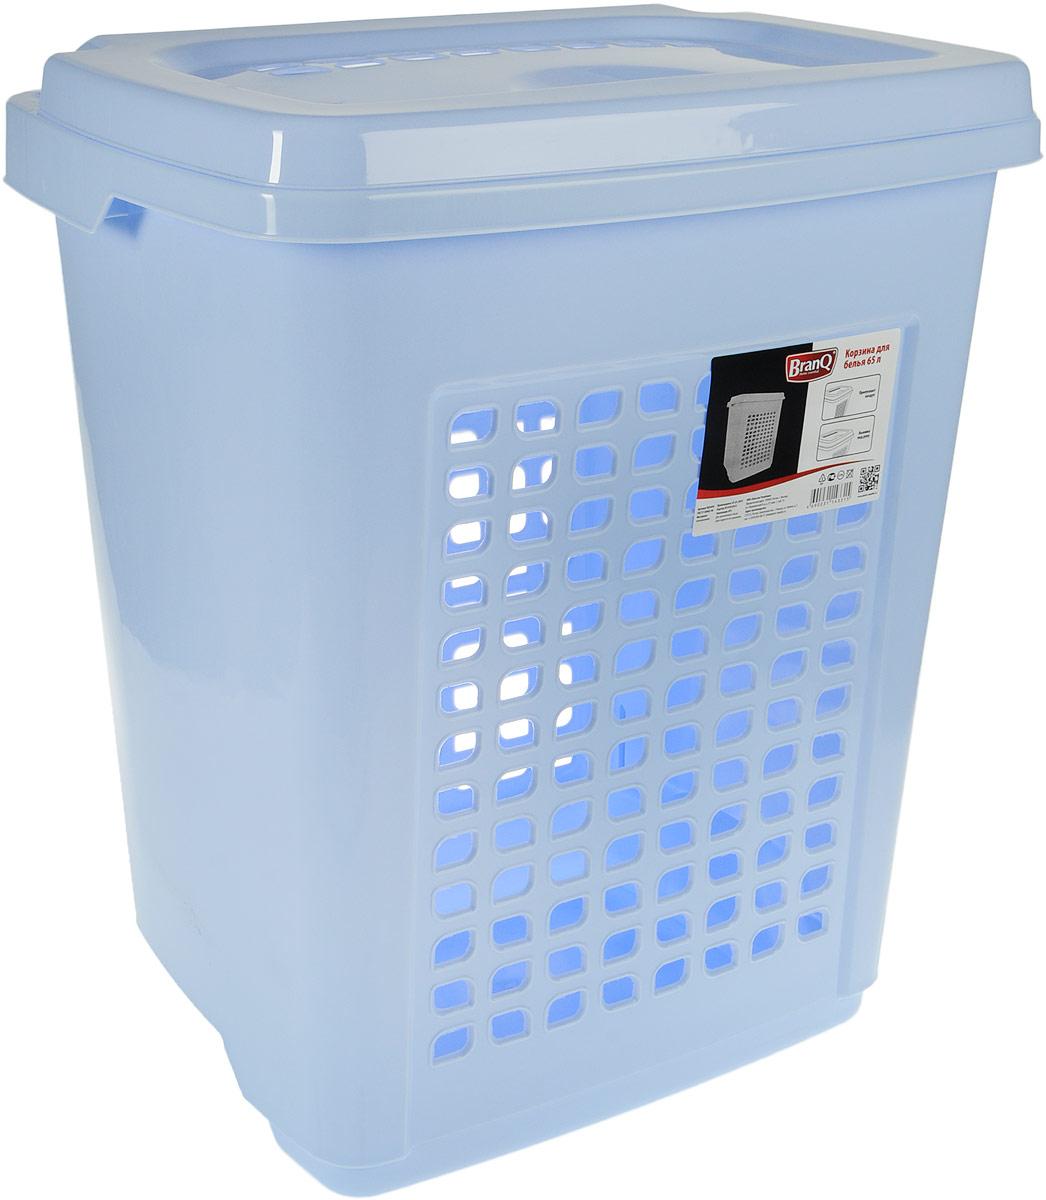 Корзина для белья BranQ, с крышкой, цвет: голубой, 65 лBQ1694ГЛПКорзина для белья BranQ изготовлена из прочного пластика. Корзина пропускает воздух, устойчива к перепадам температур и влажности, поэтому идеально подходит для ванной комнаты. Изделие оснащено выемками под руки и крышкой. Можно использовать для хранения белья, детских игрушек, домашней обуви и прочих бытовых вещей. Элегантный дизайн подойдет к интерьеру любой ванной.